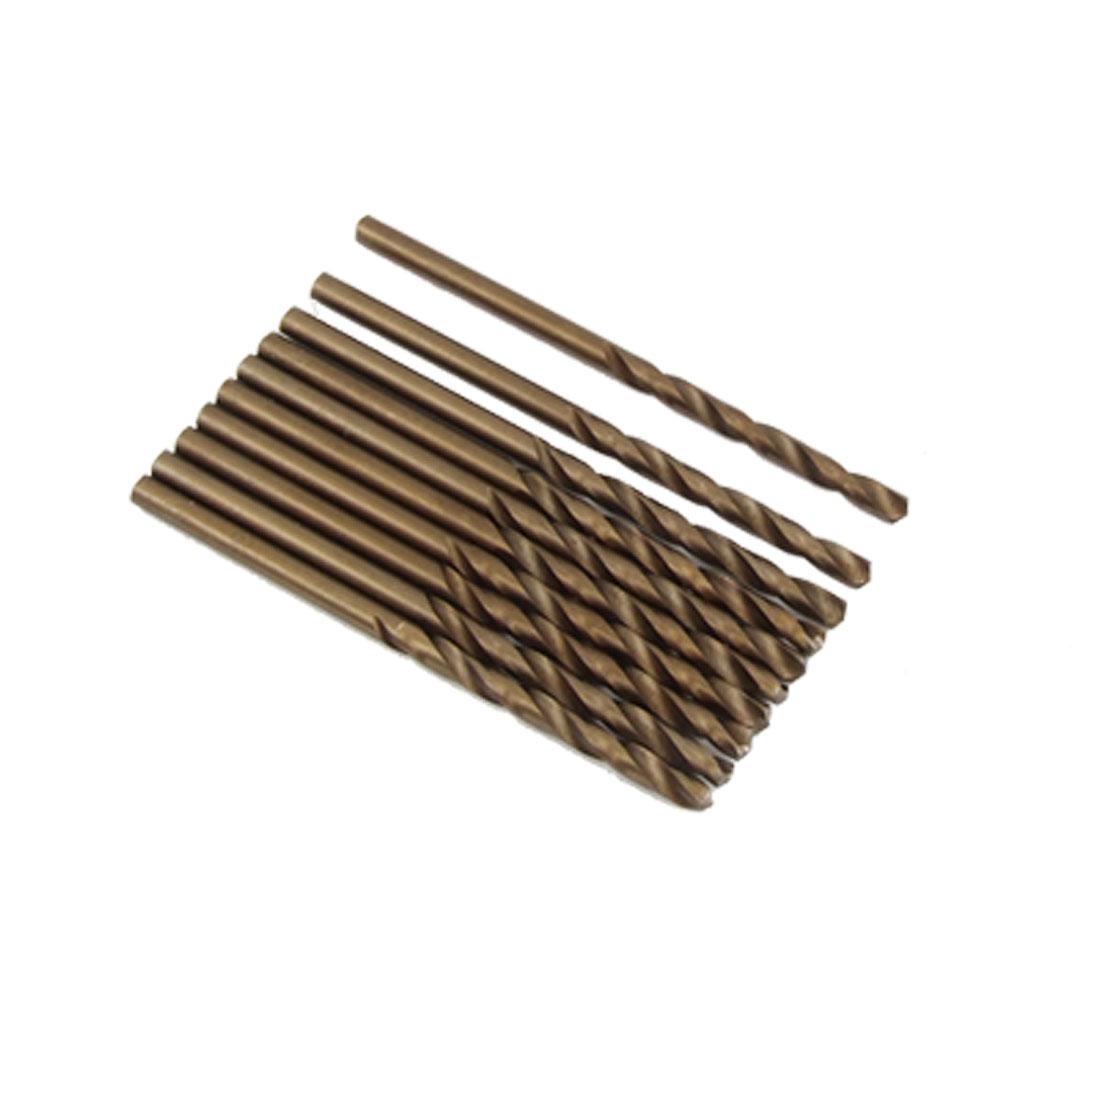 10 Pcs Bronze Tone 3mm Straight Shank Twist Drill Bit